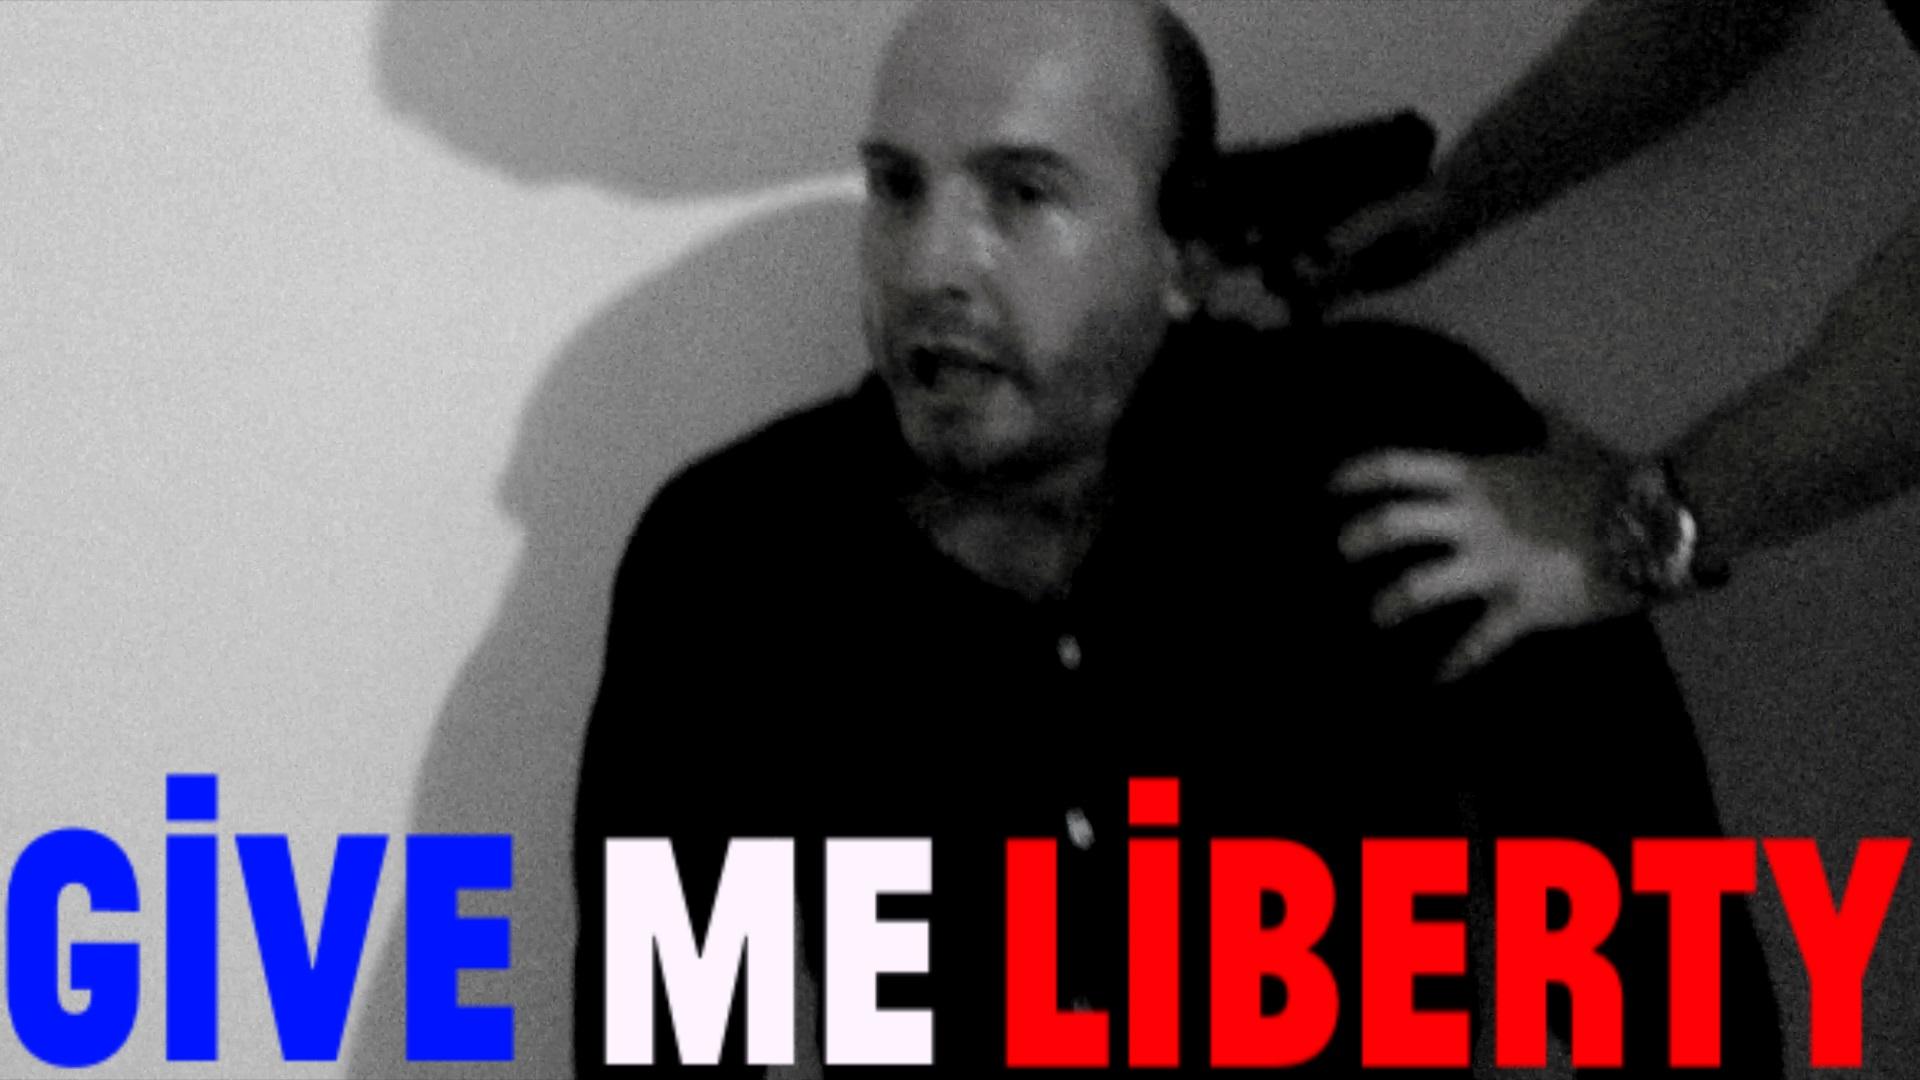 Give Me Liberty (Дайте мне волю) (сайт Минской школы киноискусства)